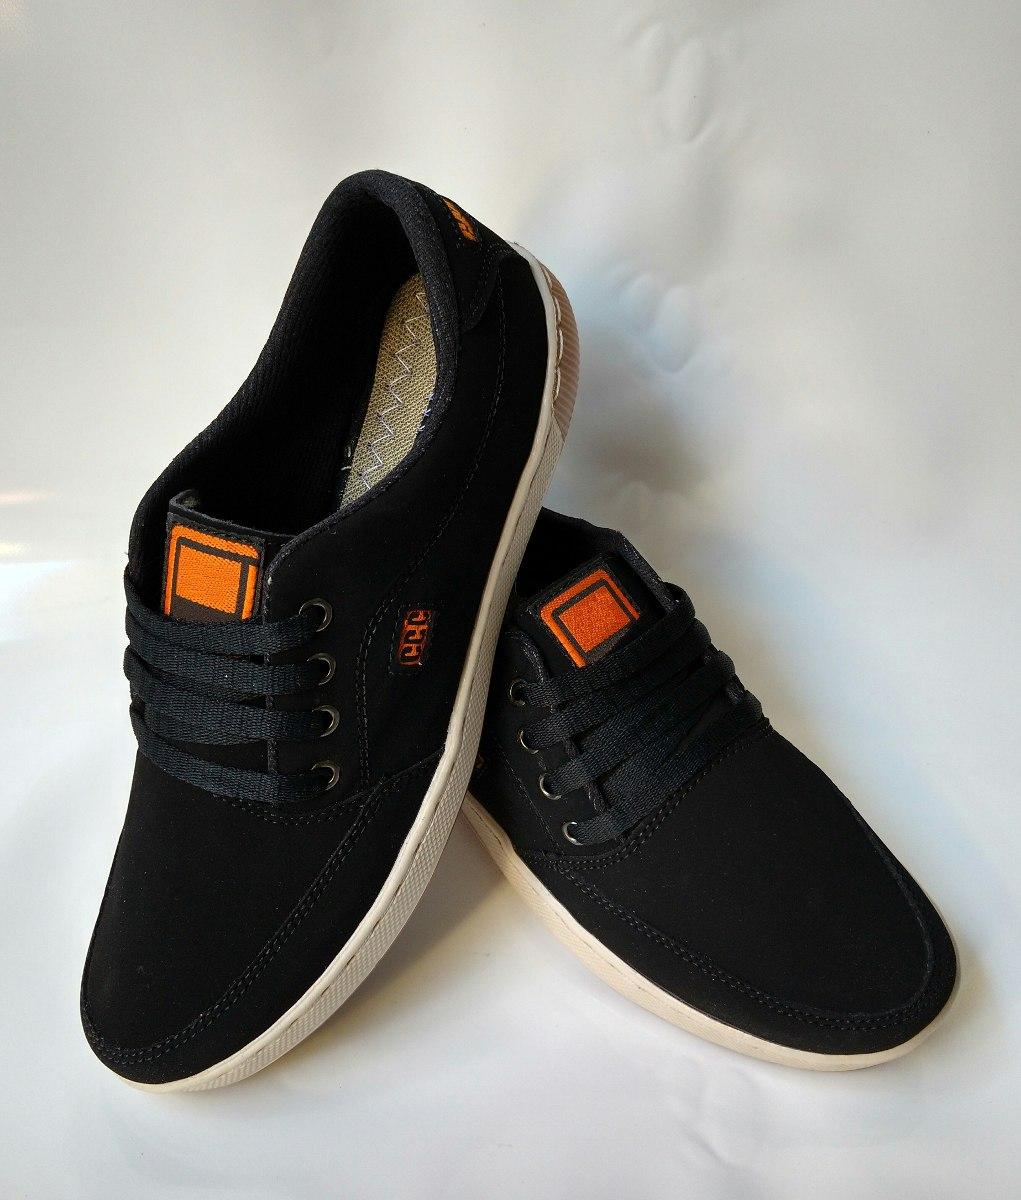 13cf6e5421 calzado para hombre y jovenes color negro moda envio gratis. Cargando zoom.